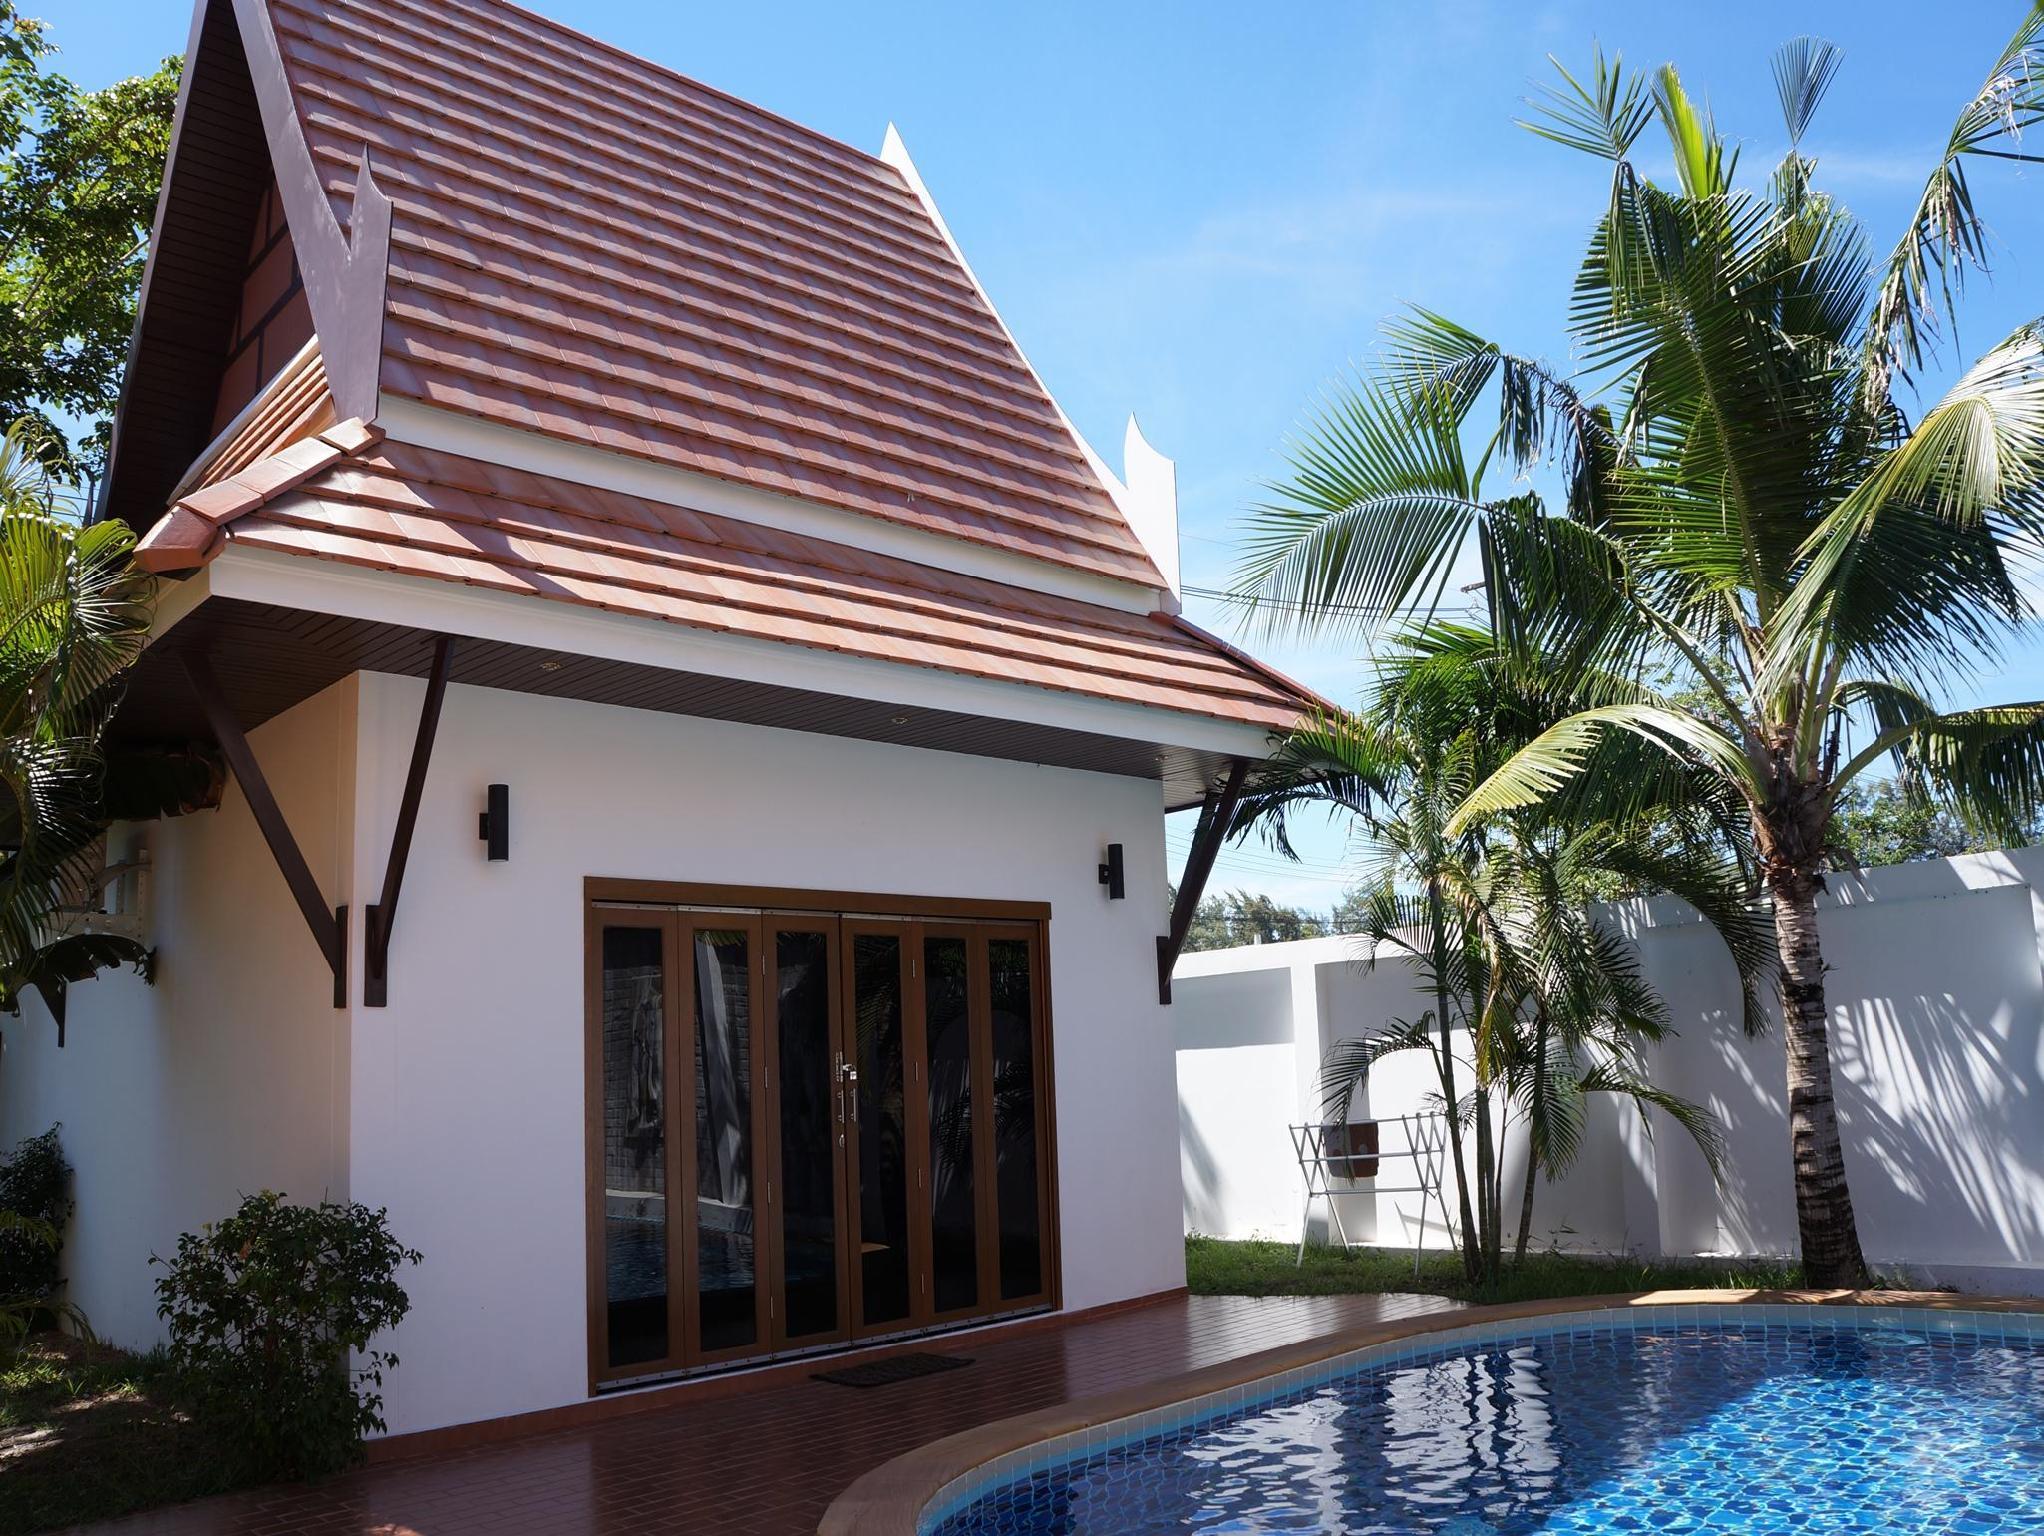 Vip Chain Resort Pool Villa Rayong Thailand